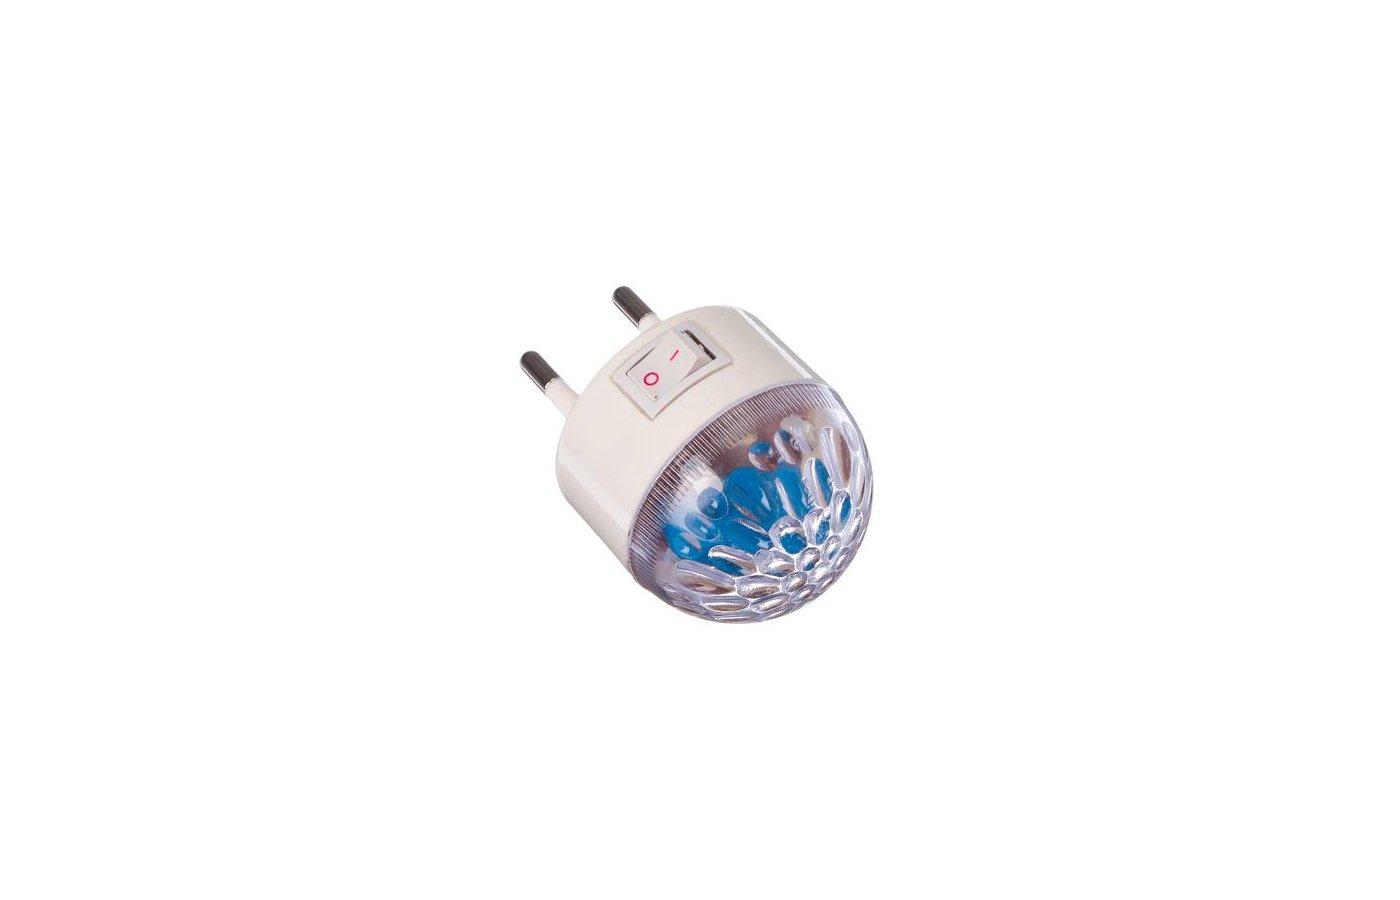 Декоративный светильник 920-036 Светильник-ночник в розетку Шарик с переключателем 0.5Вт пластик металл 7х7см